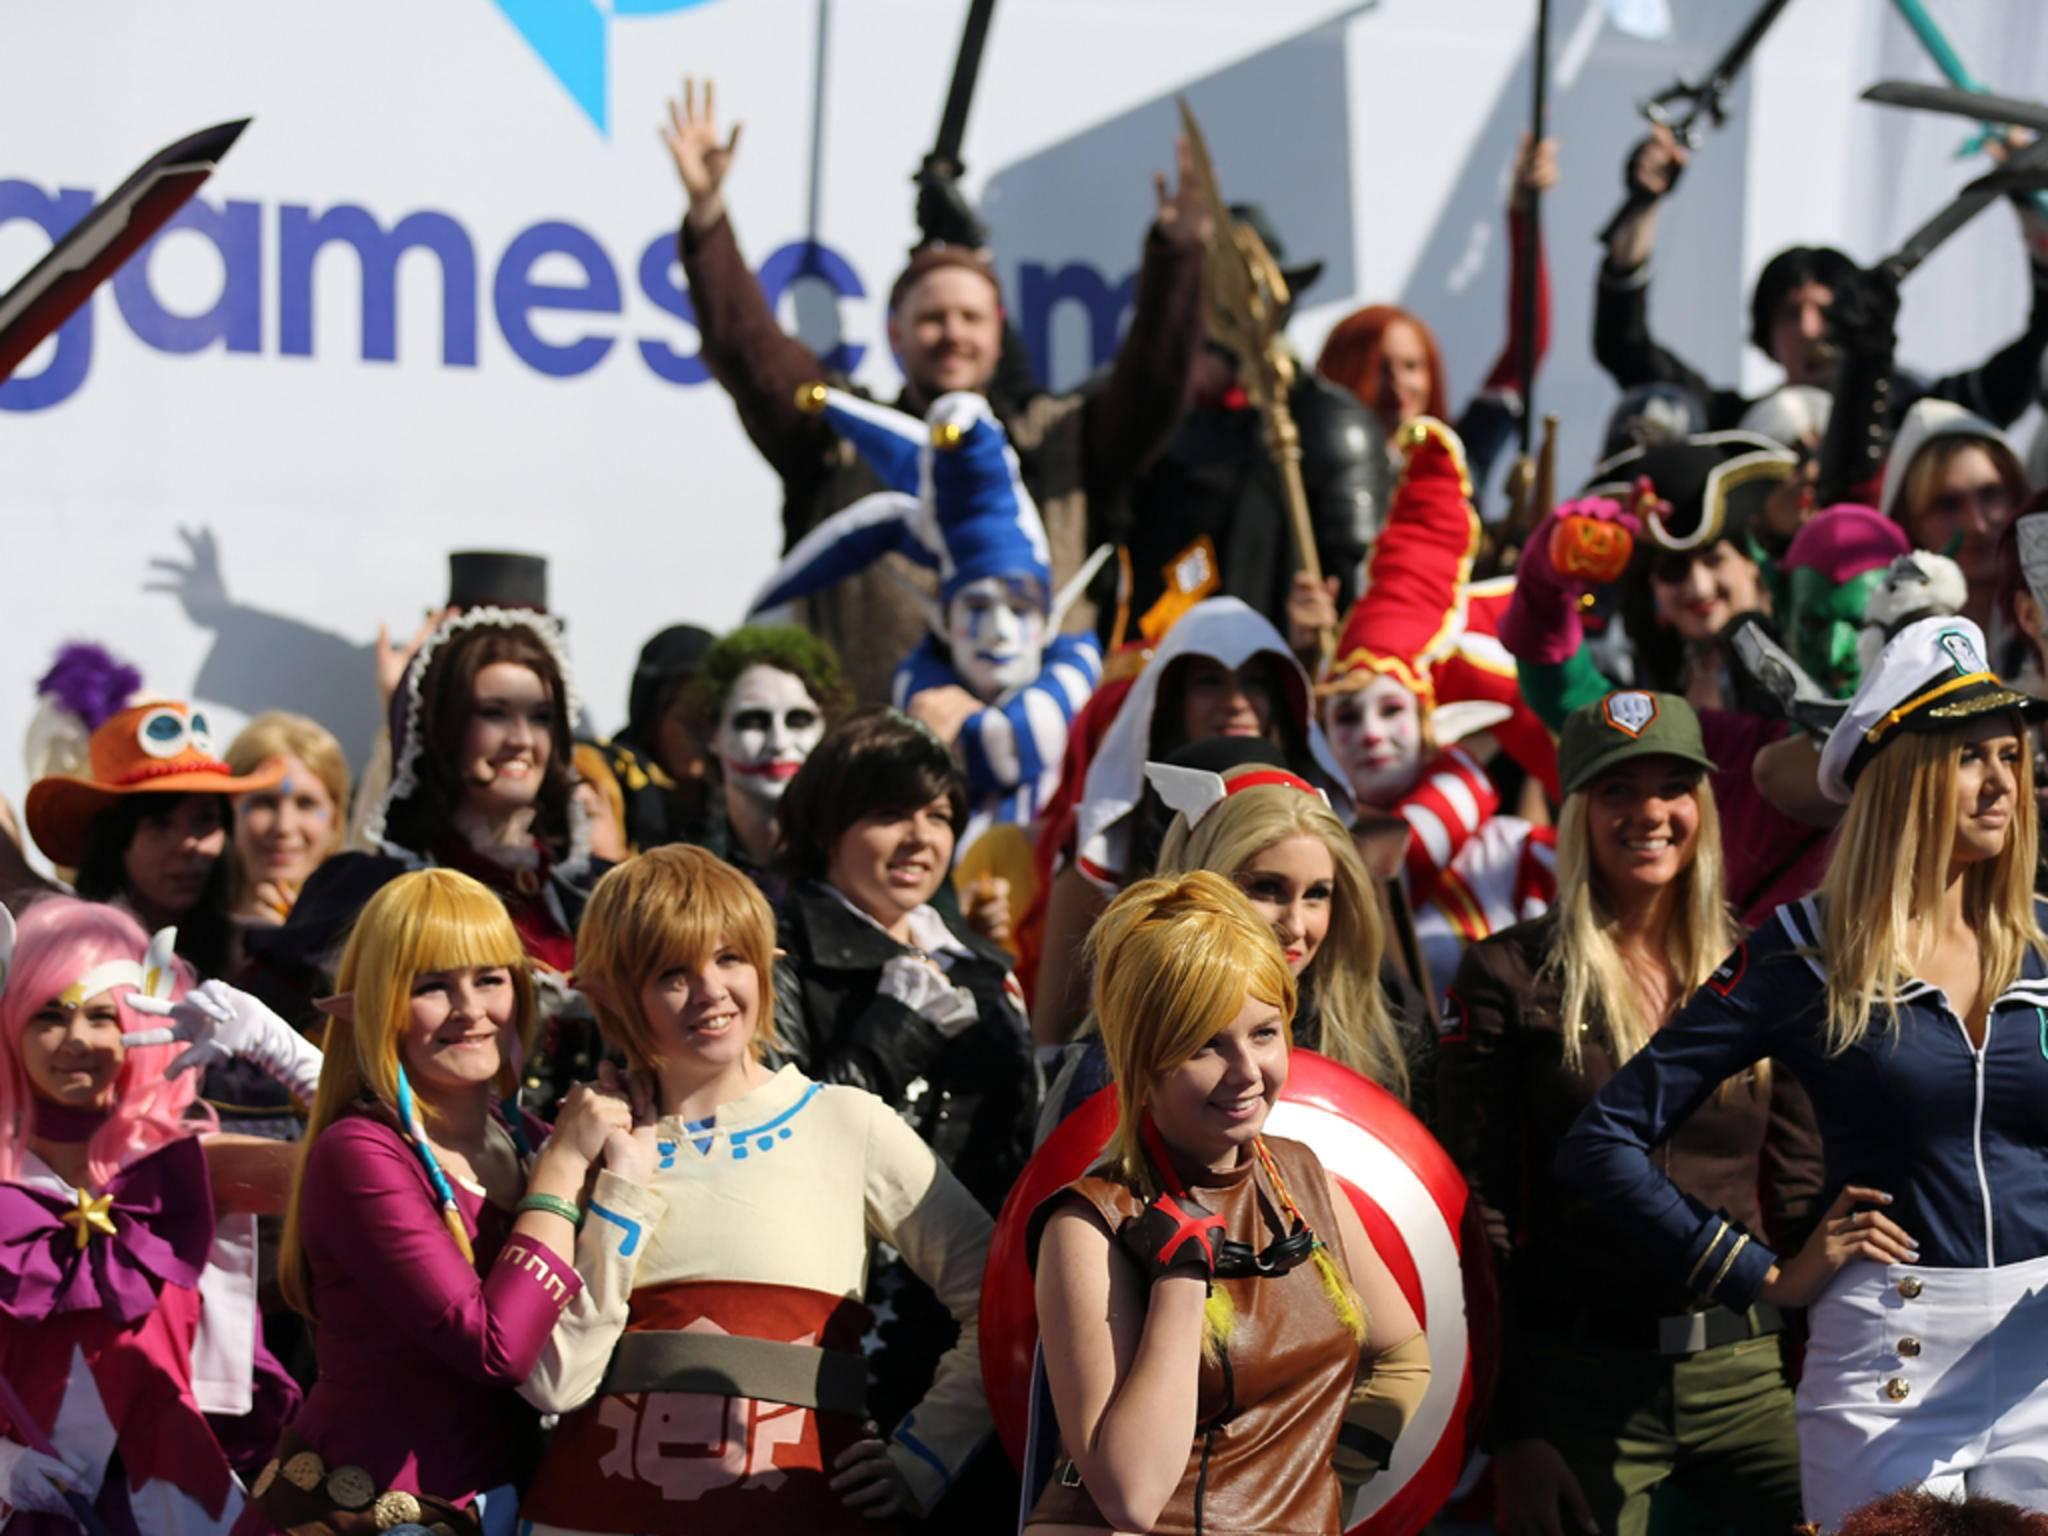 Bunt, bunter, Gamescom: Jahr für Jahr übertreffen sich die Cosplayer selbst.